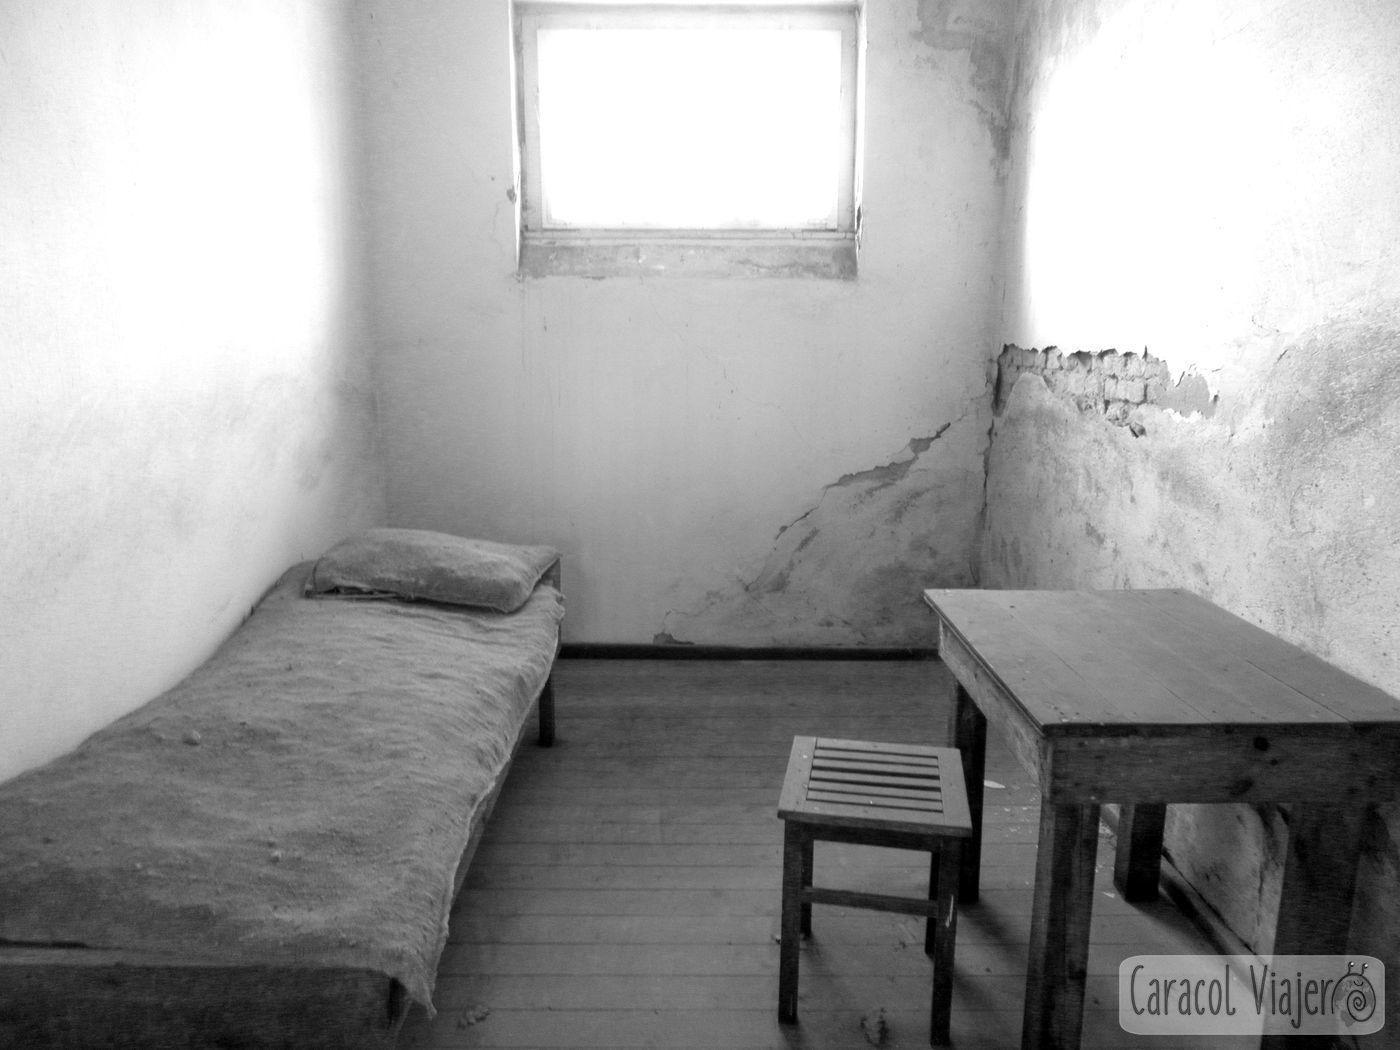 Barracones de Sachsenhausen que conocer en Berlin